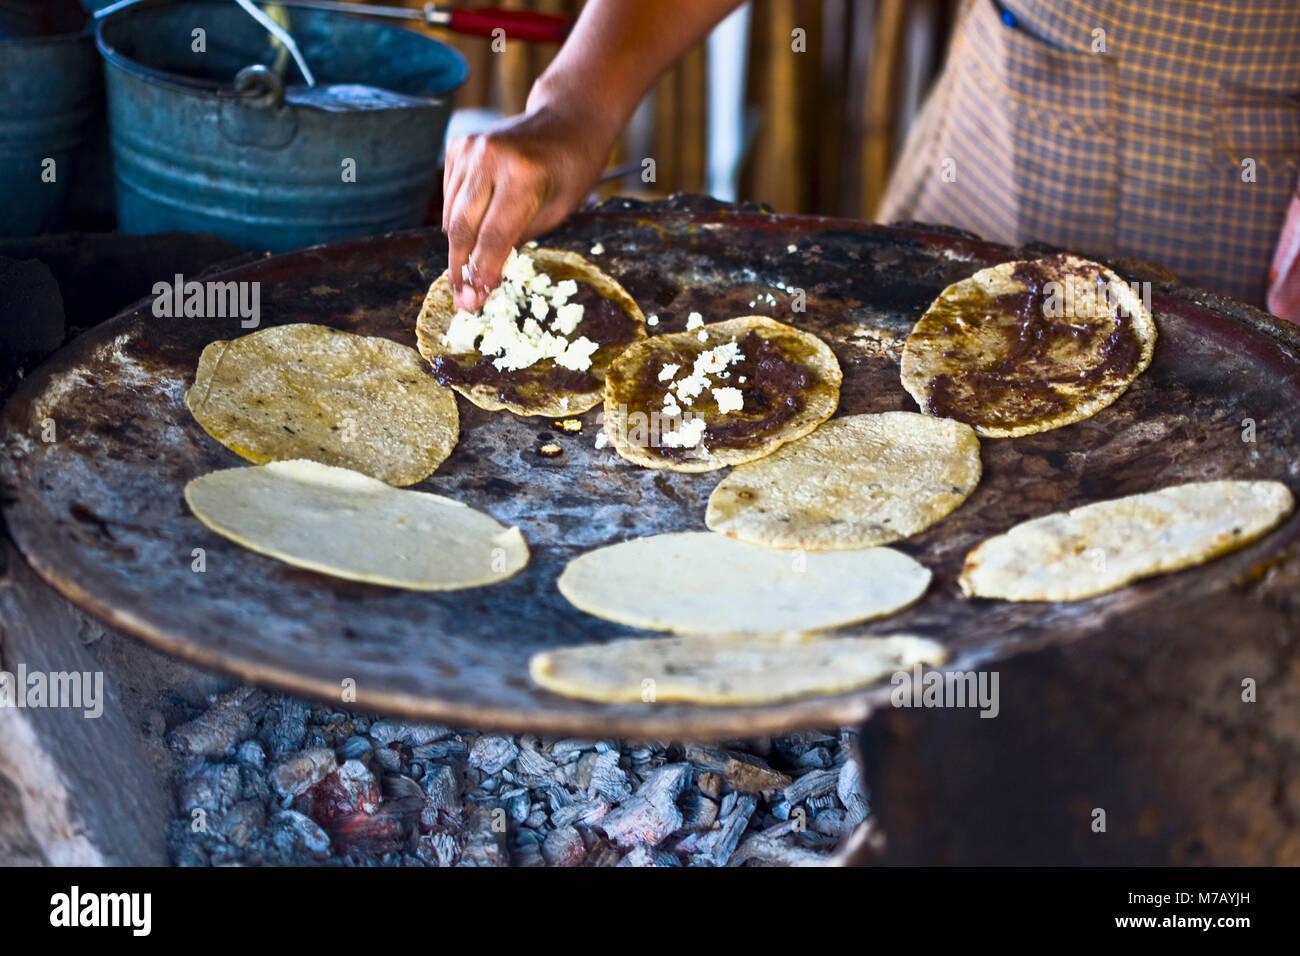 Chef Preparing Tortilla In A Kitchen, Santo Tomas Jalieza, Oaxaca State,  Mexico